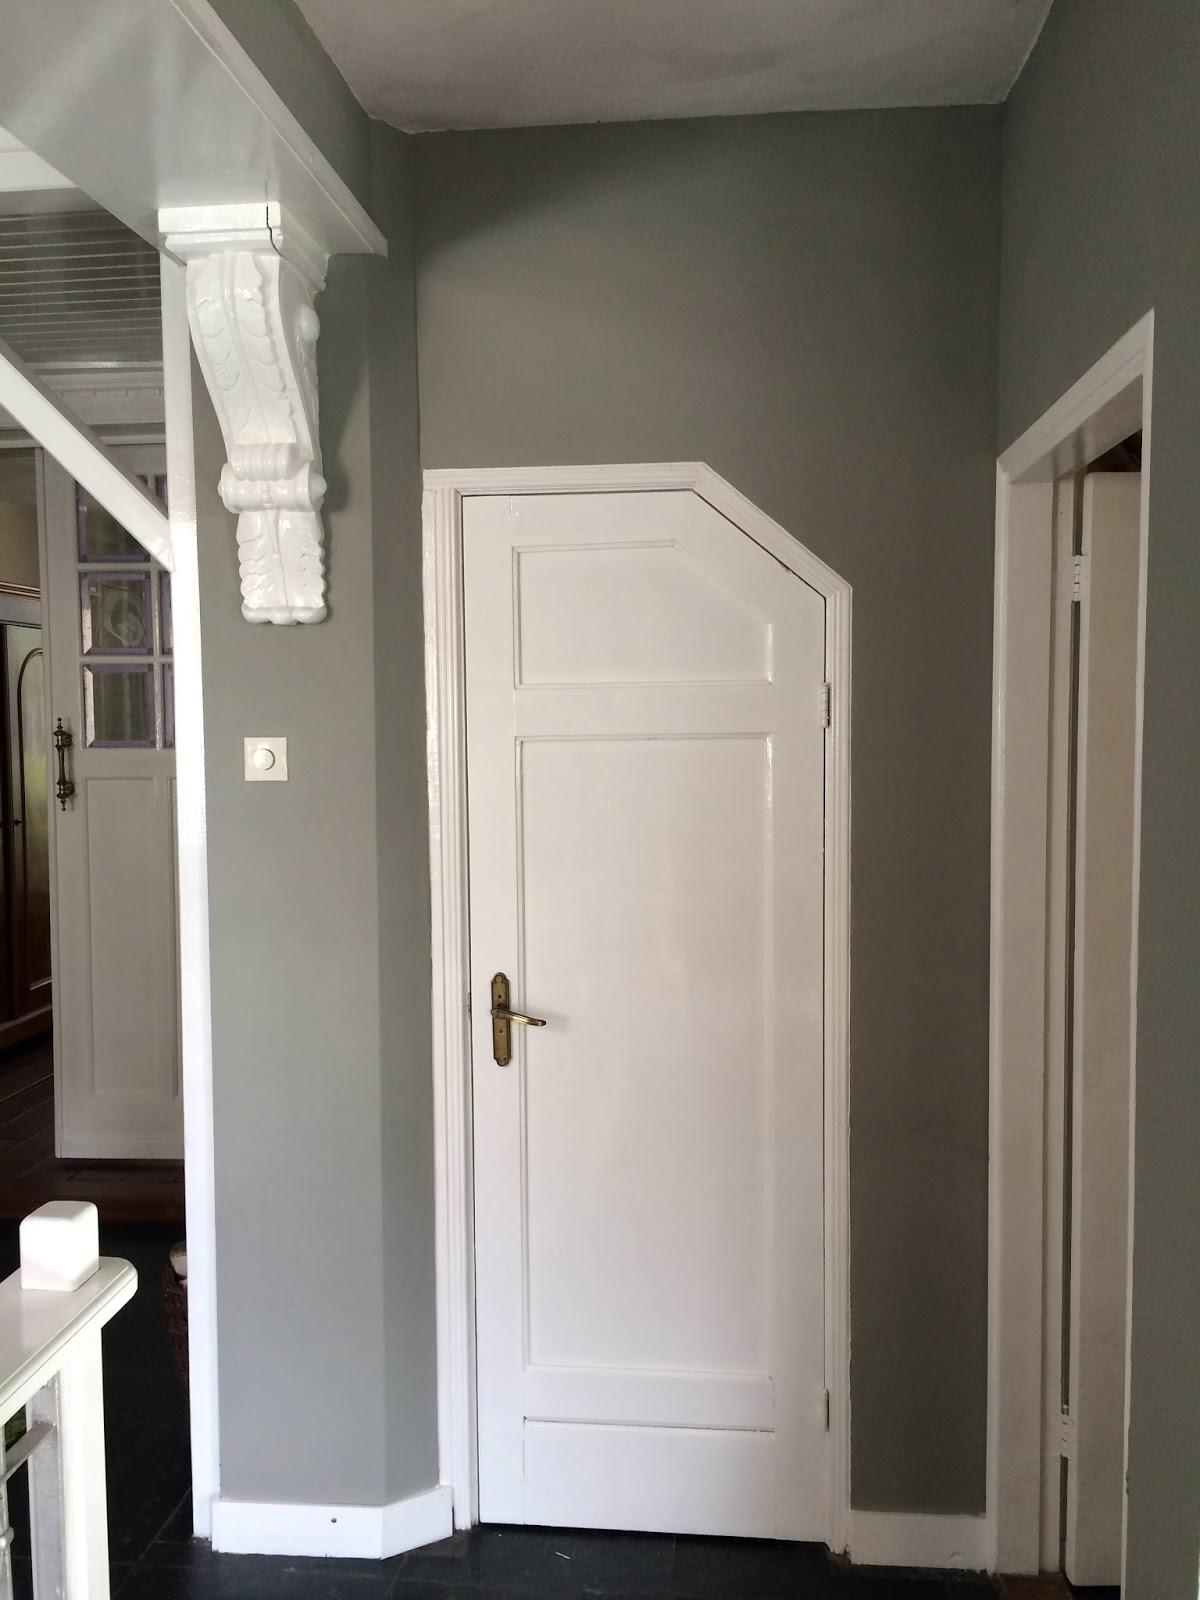 Welke muurverf grijze bank parquet beste inspiratie voor huis ontwerp - Grijze verf leisteen ...